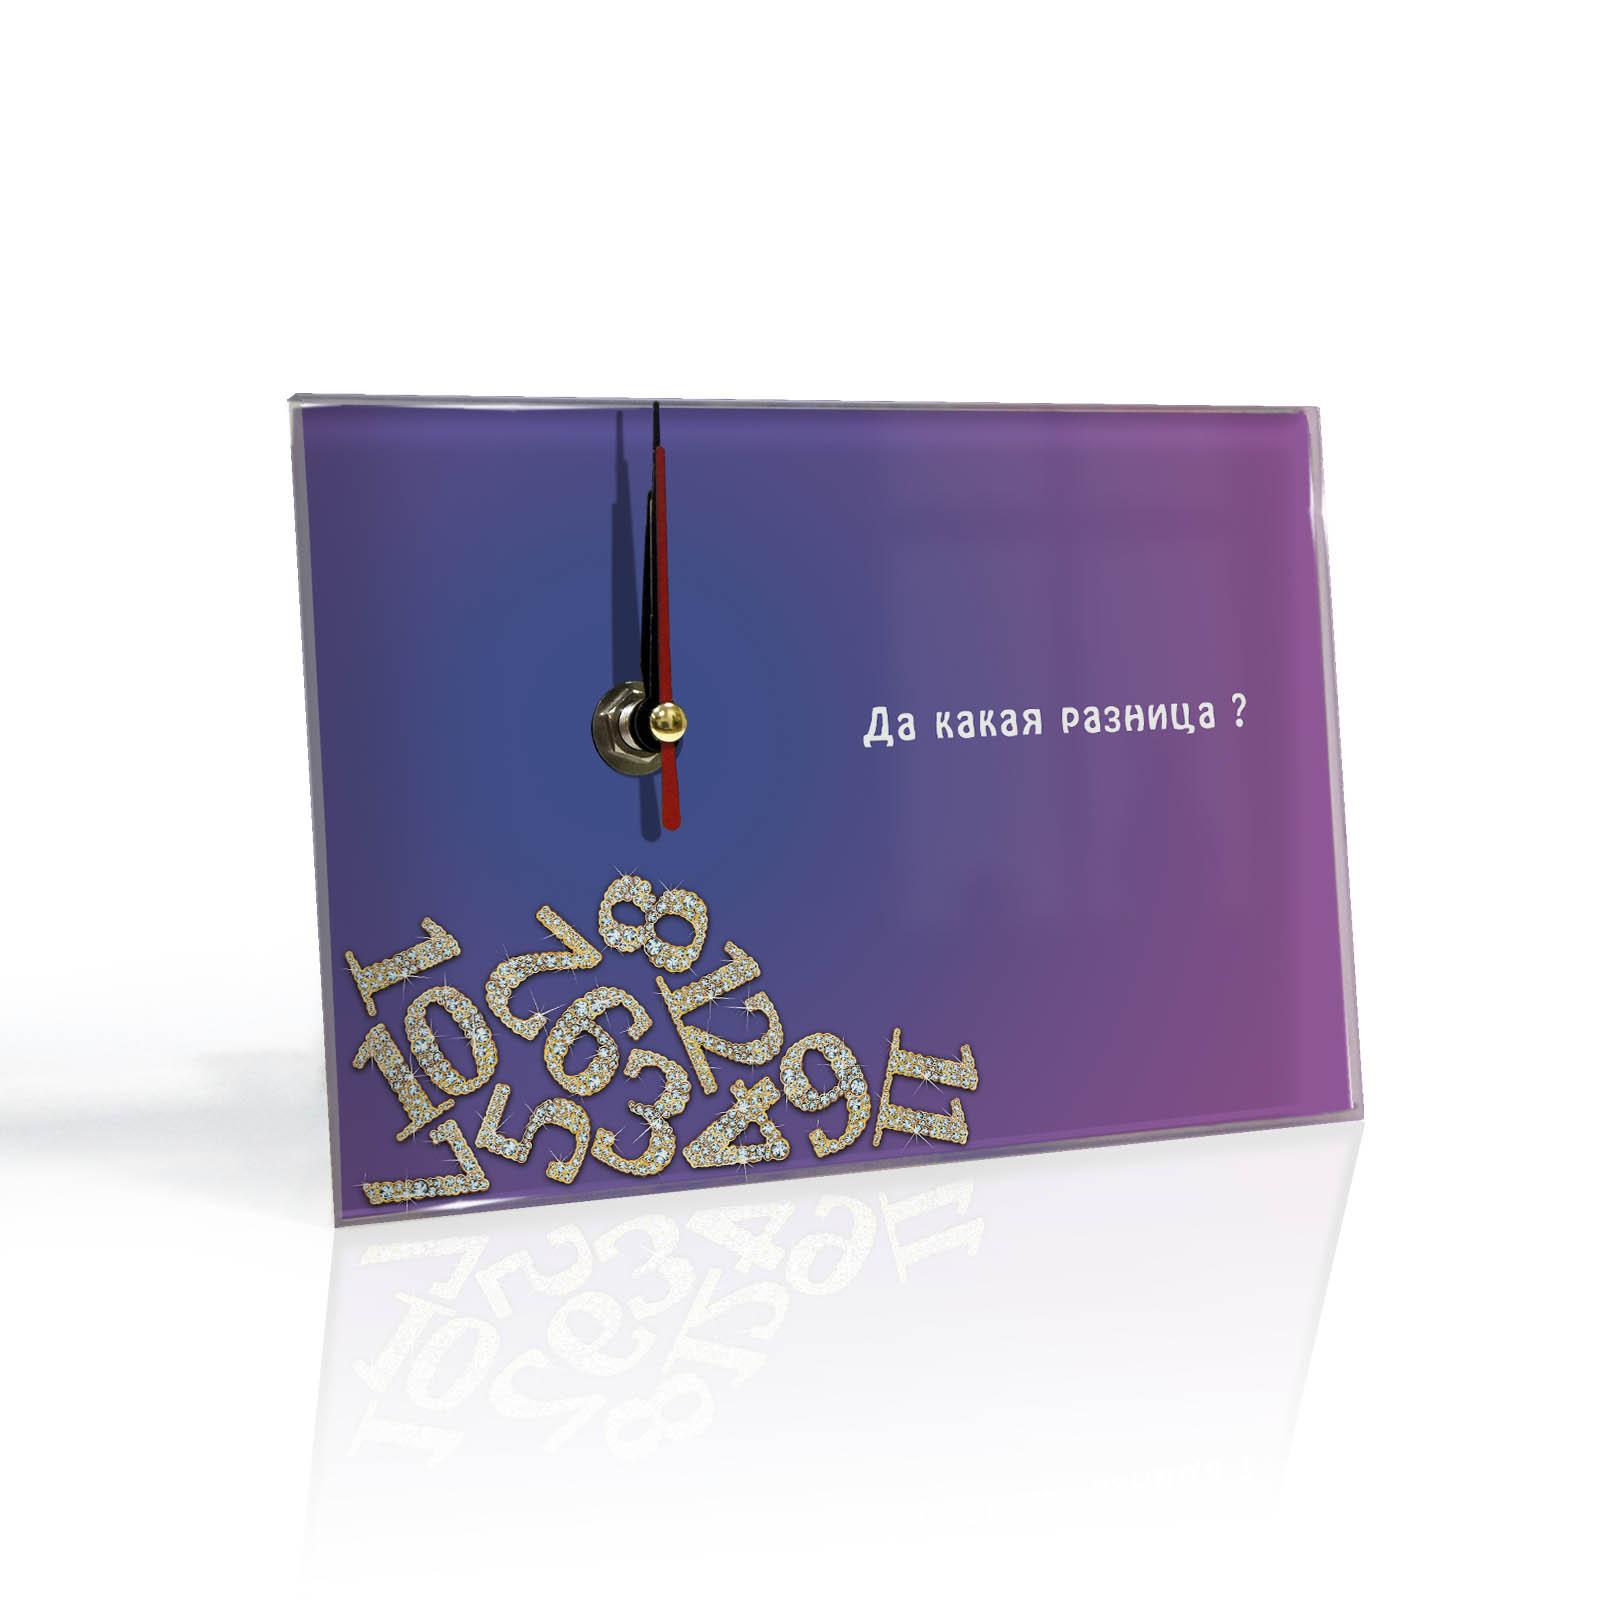 Настольные часы «Да какая разница»